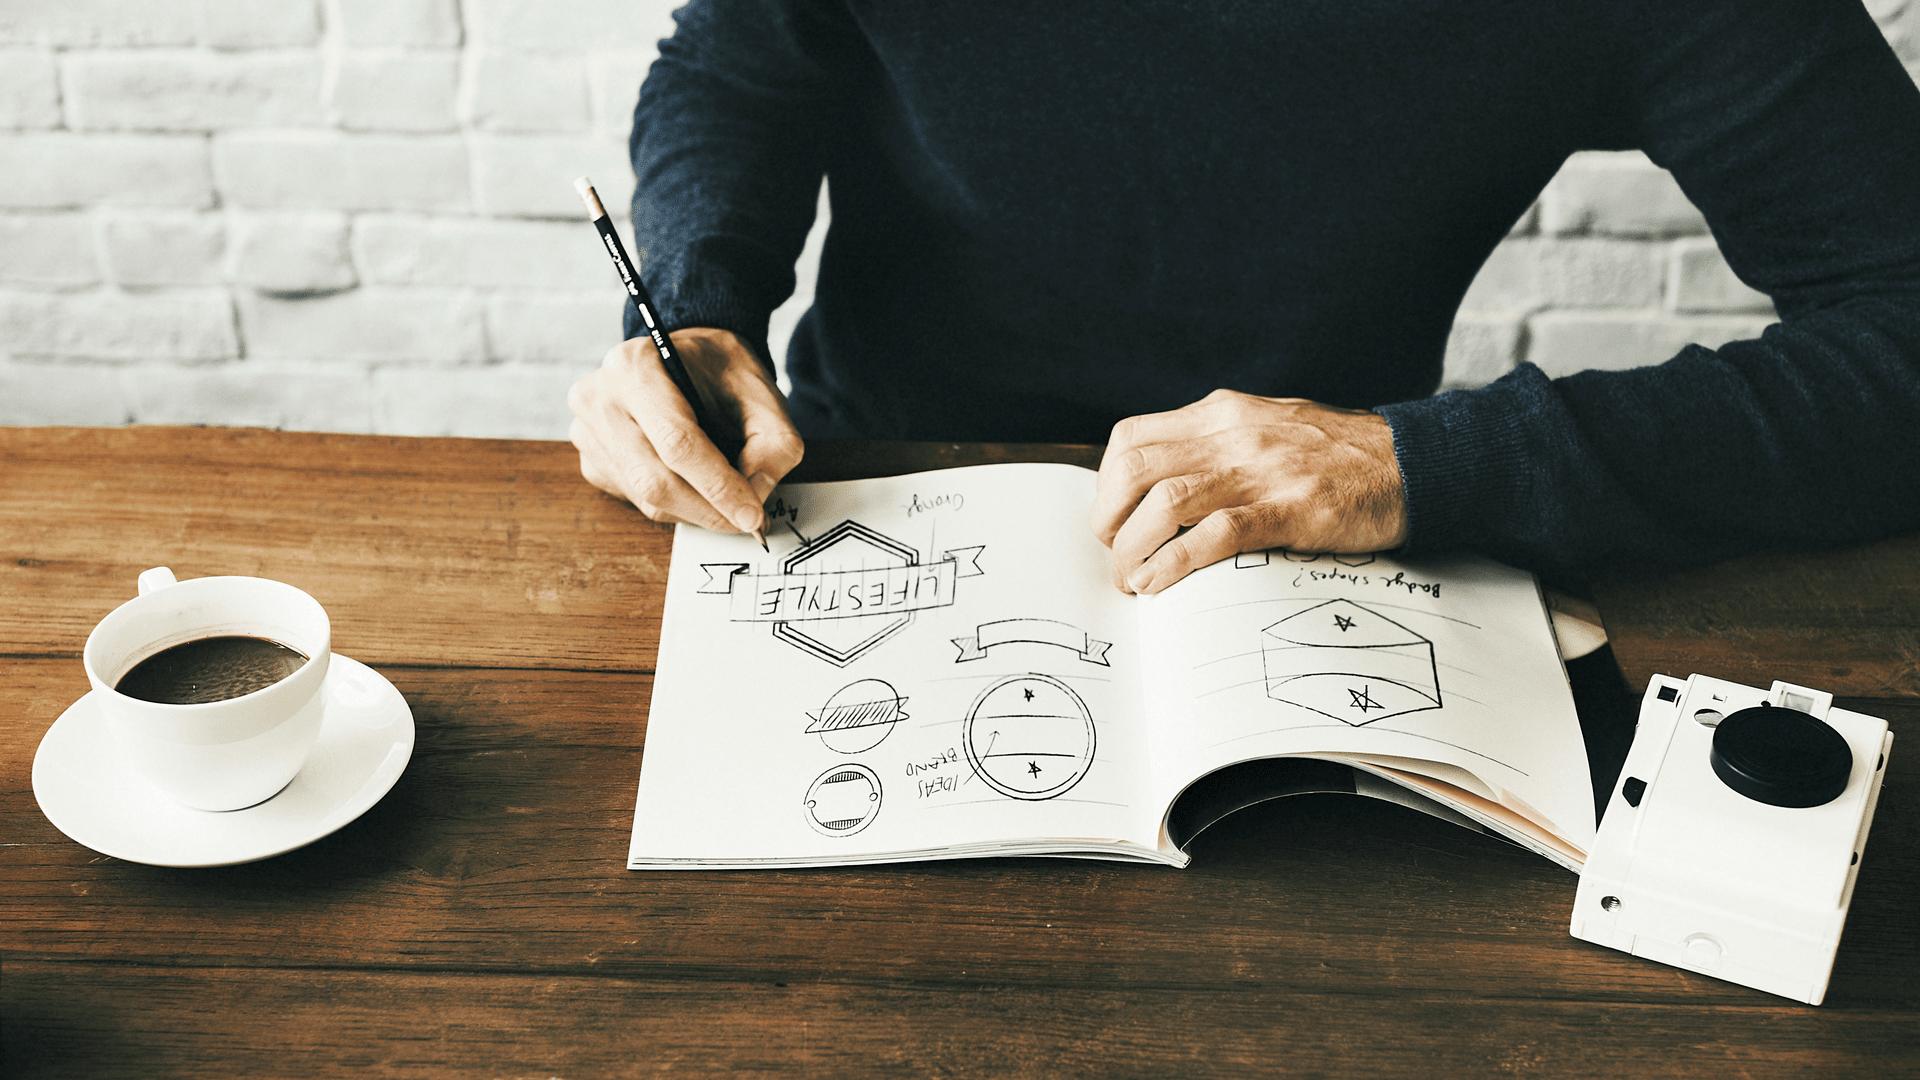 Diseñador bosquejando logos